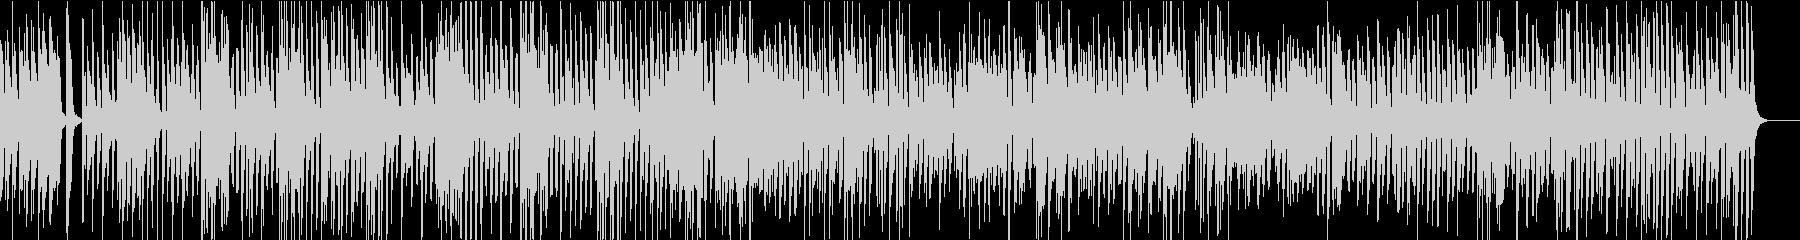 コメディや料理番組で使える有名ピアノ曲の未再生の波形